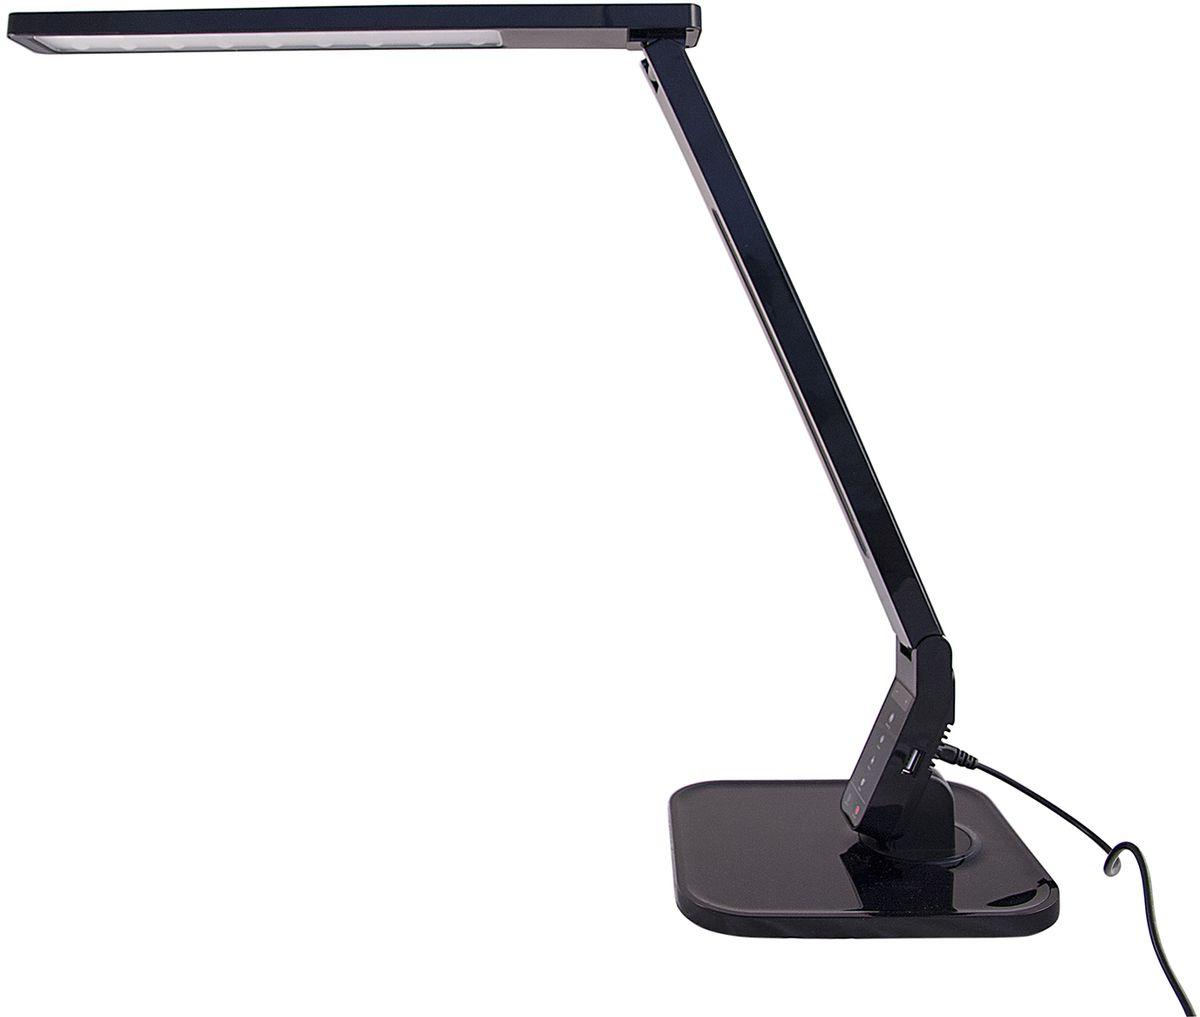 Лампа настольная Лючия Smart, светодиодная, цвет: черный, 11W. L700 настольная лампа лючия pegas цвет черный 4 w